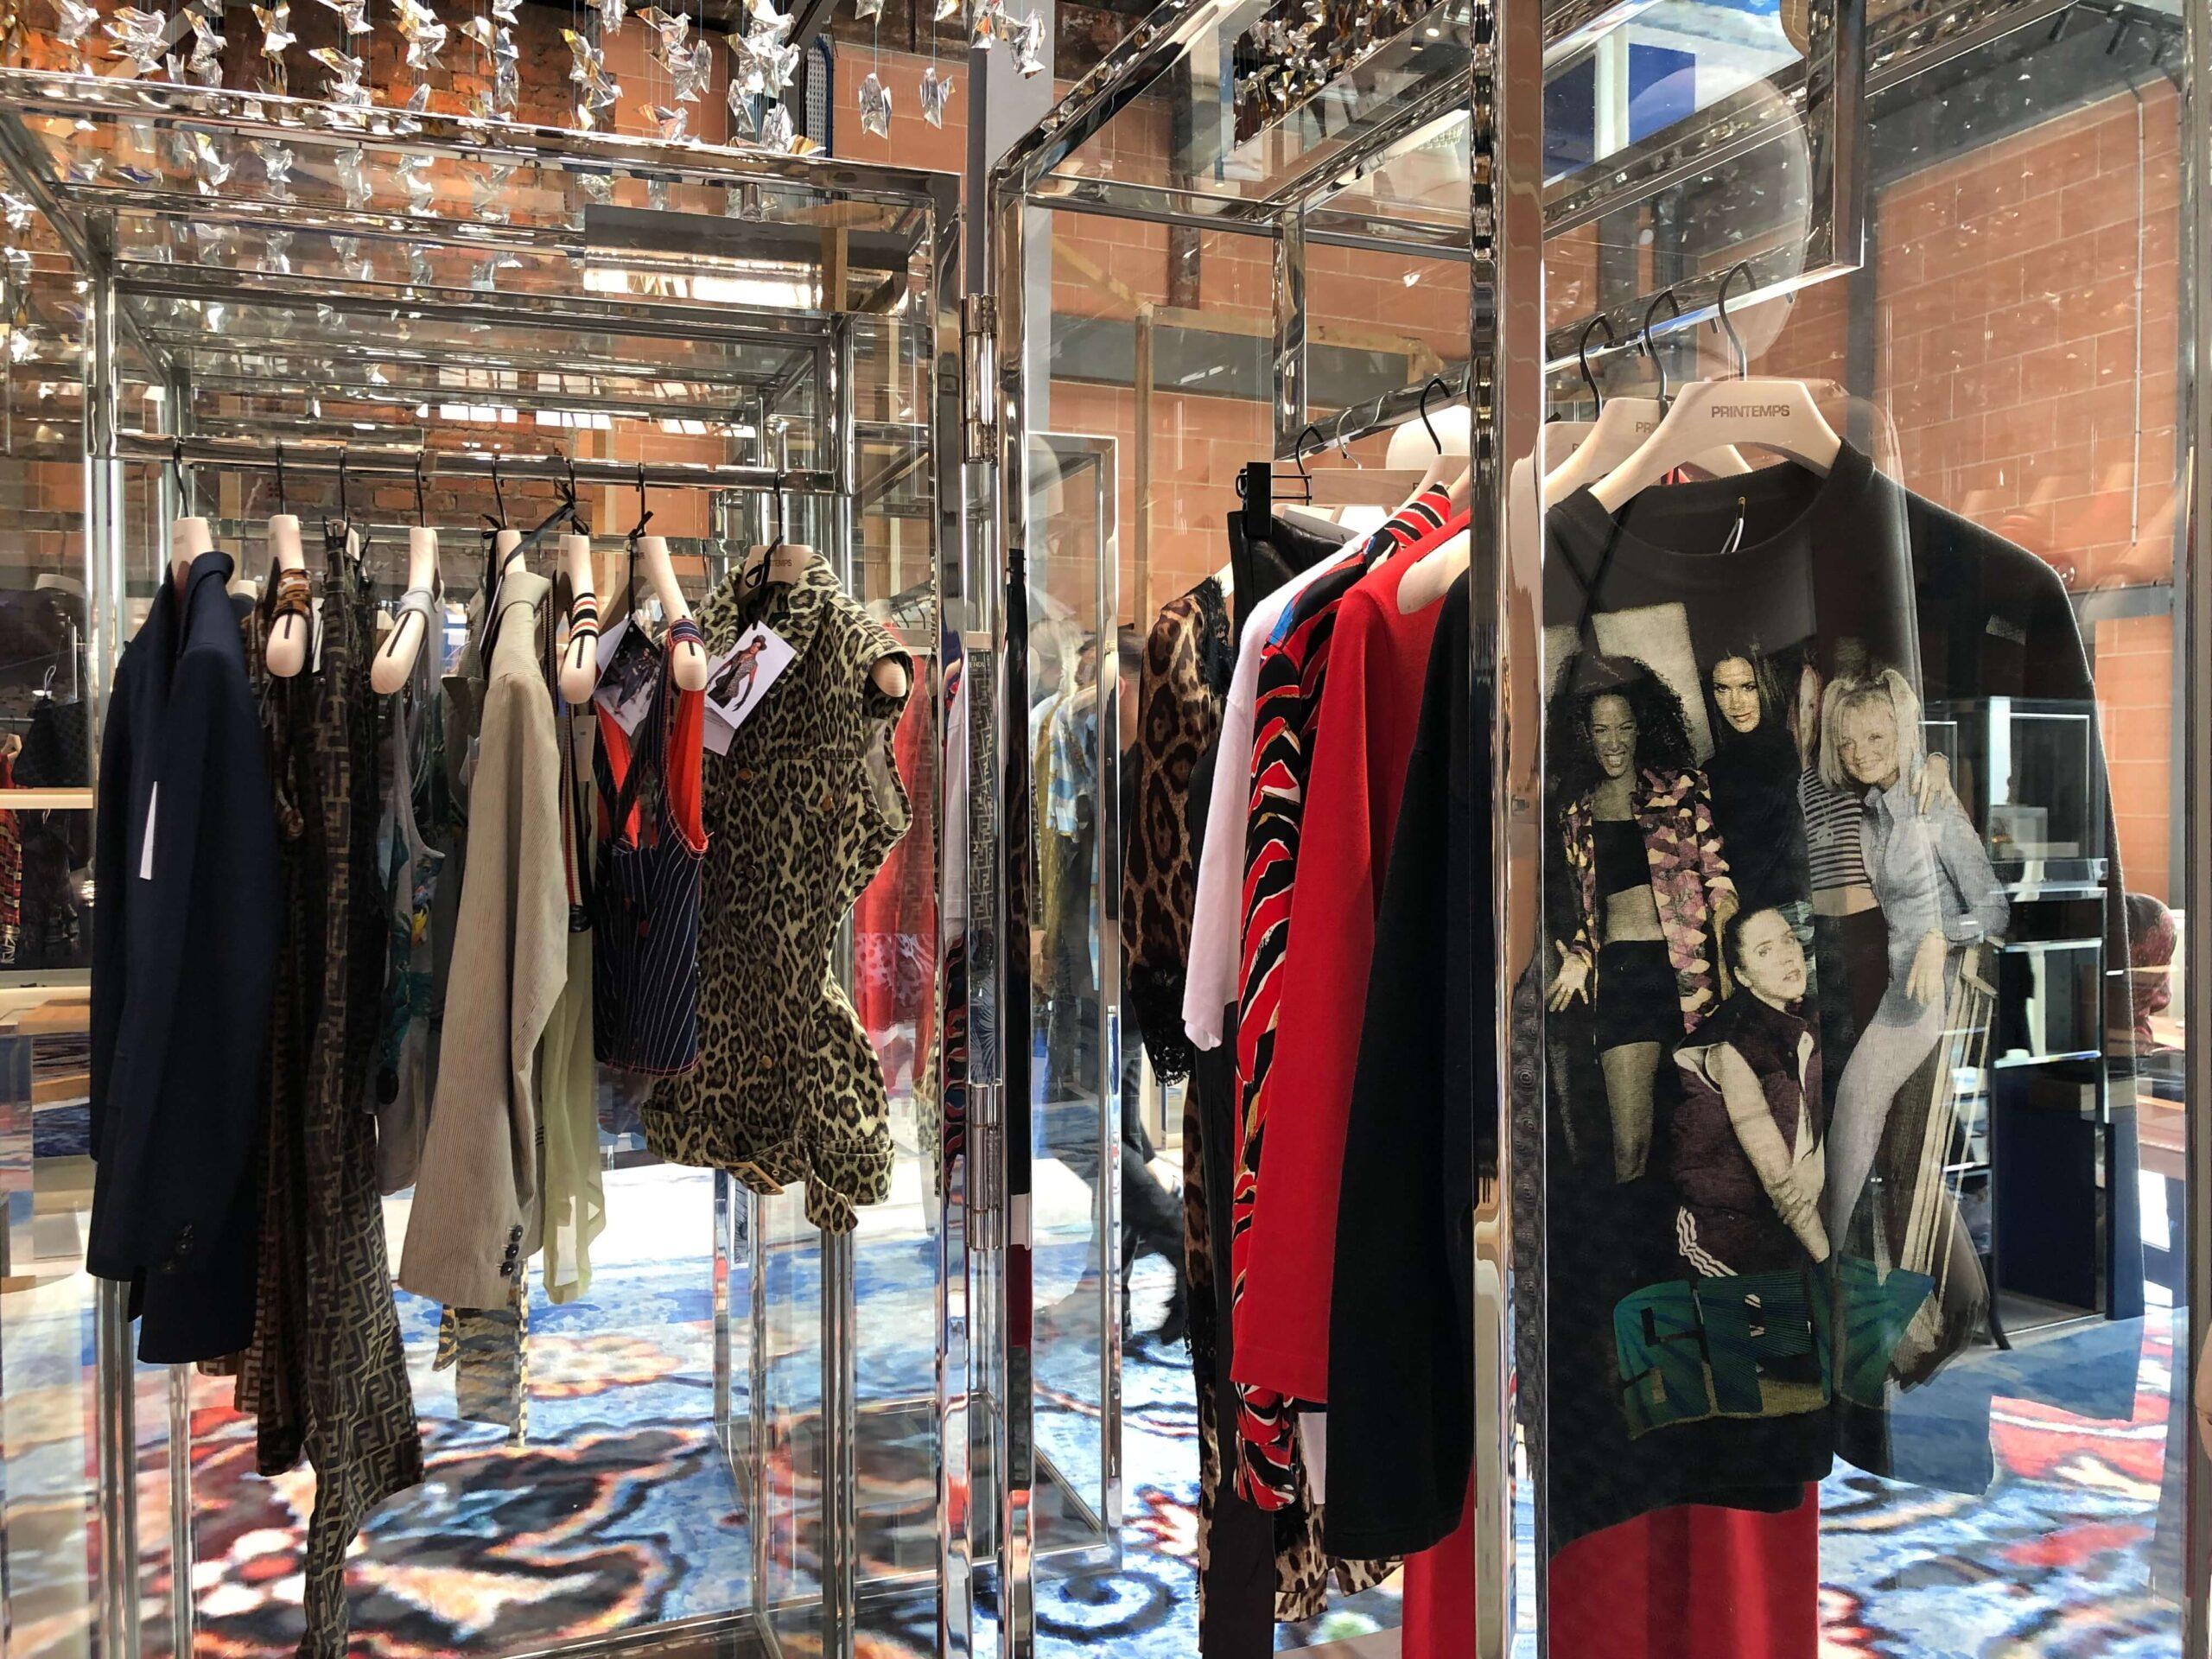 パリ最新情報「老舗デパートのプランタン、エシカルな新フロア「Le 7ème Ciel」を発表」